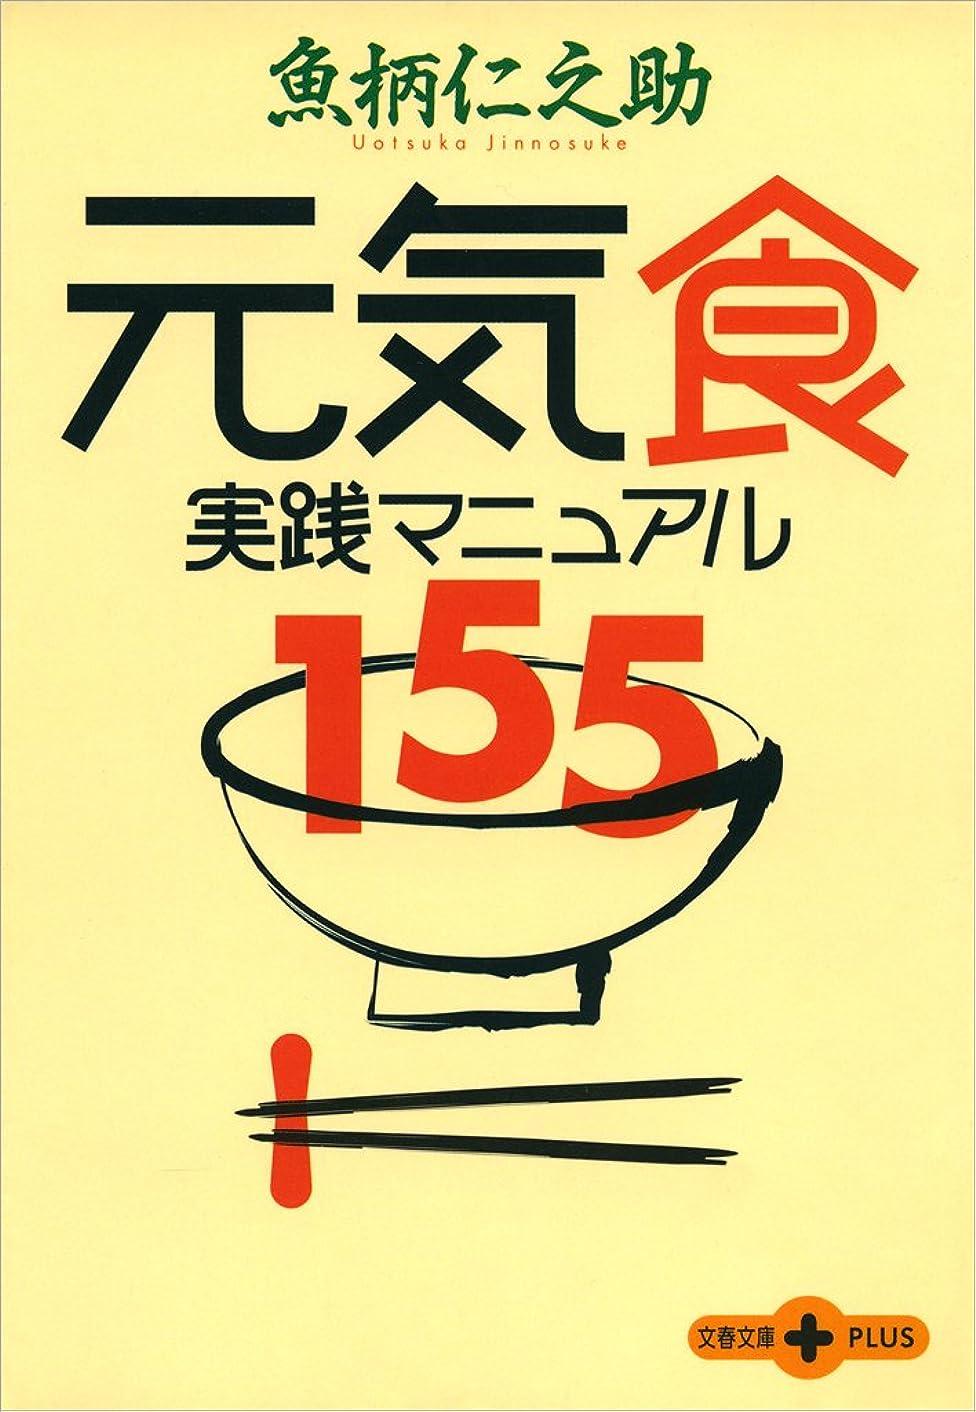 連鎖モディッシュメッセンジャー元気食 実践マニュアル155 (文春文庫PLUS)